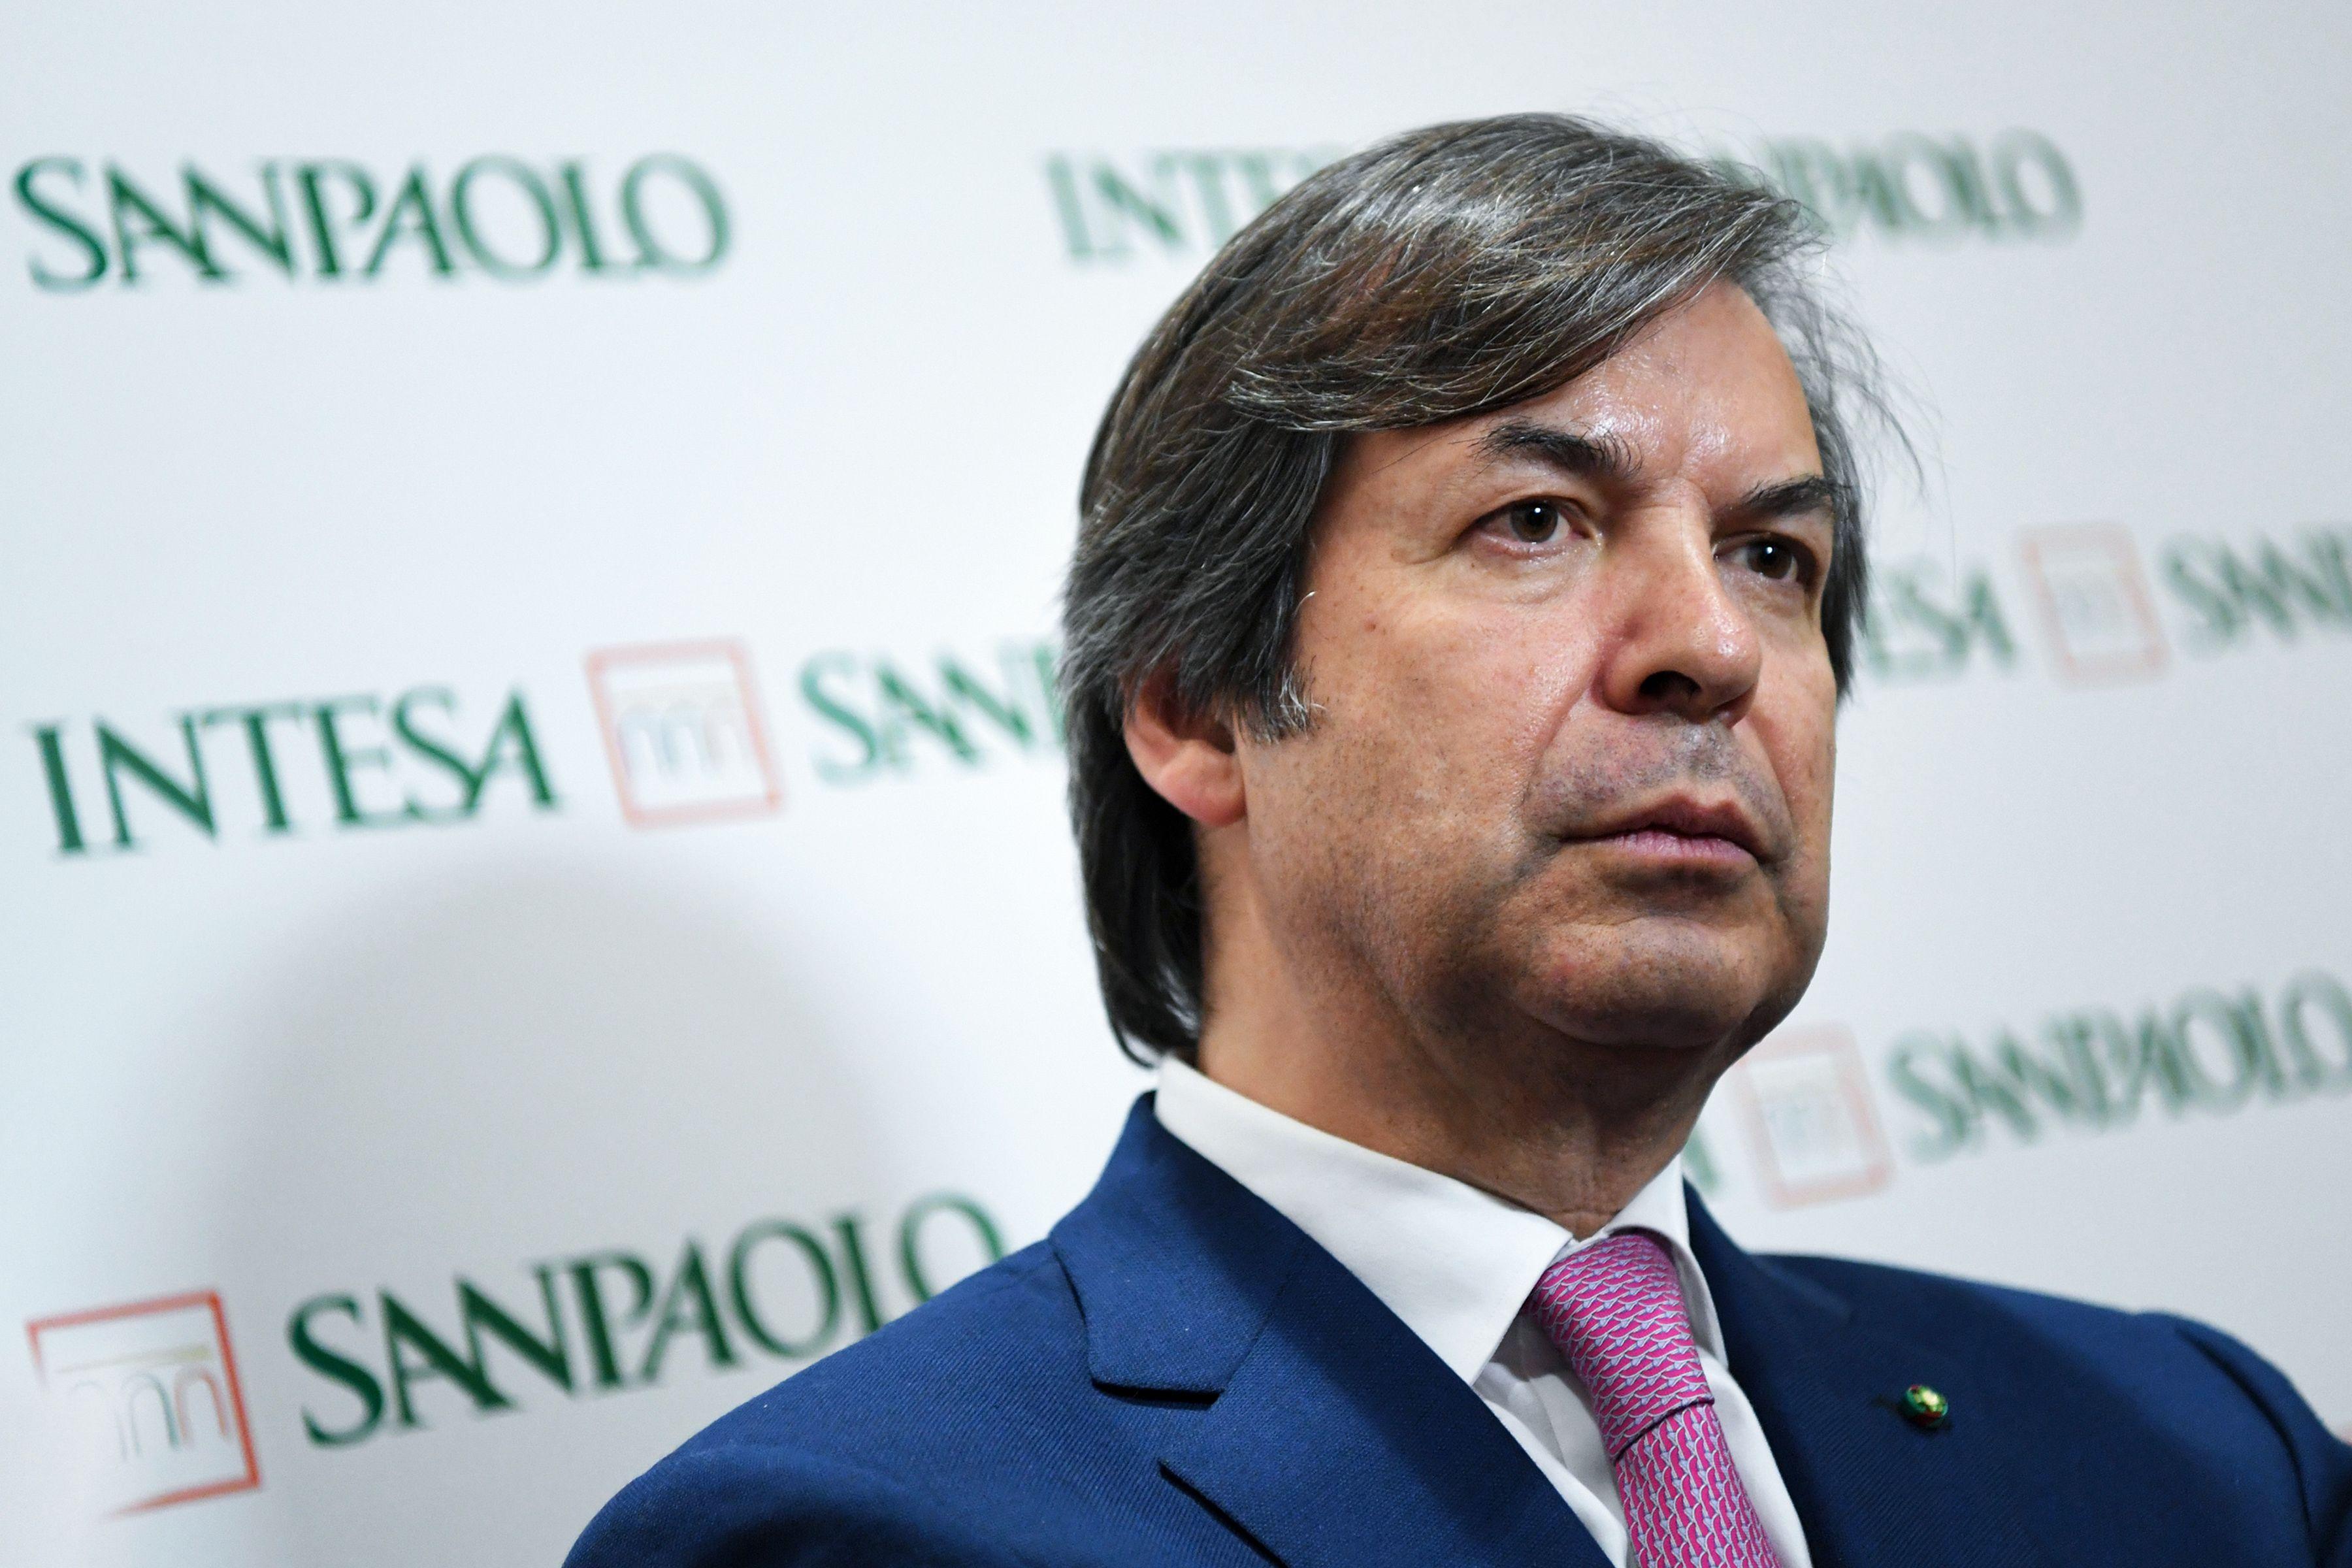 858967e5b9 Intesa Sanpaolo macina utili e dividendi, nel 2019 sarà battaglia agli UTP  - FinanzaOnline